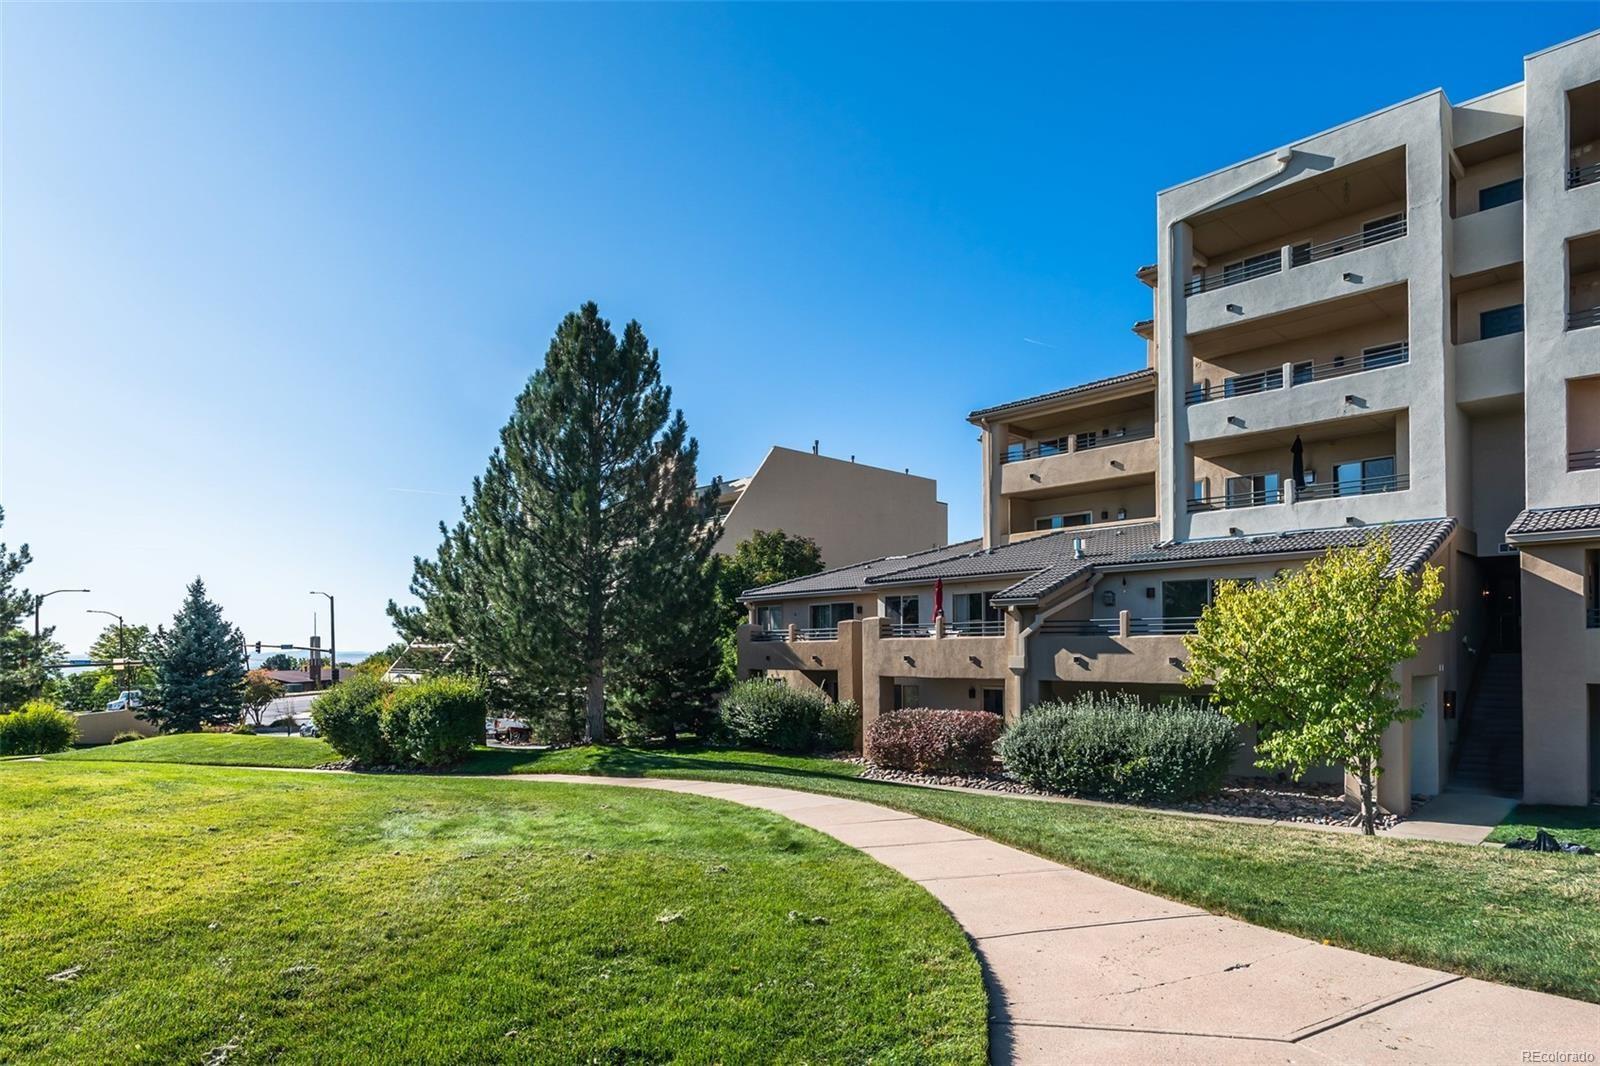 MLS# 6616441 - 1 - 13361  W Alameda Parkway, Lakewood, CO 80228